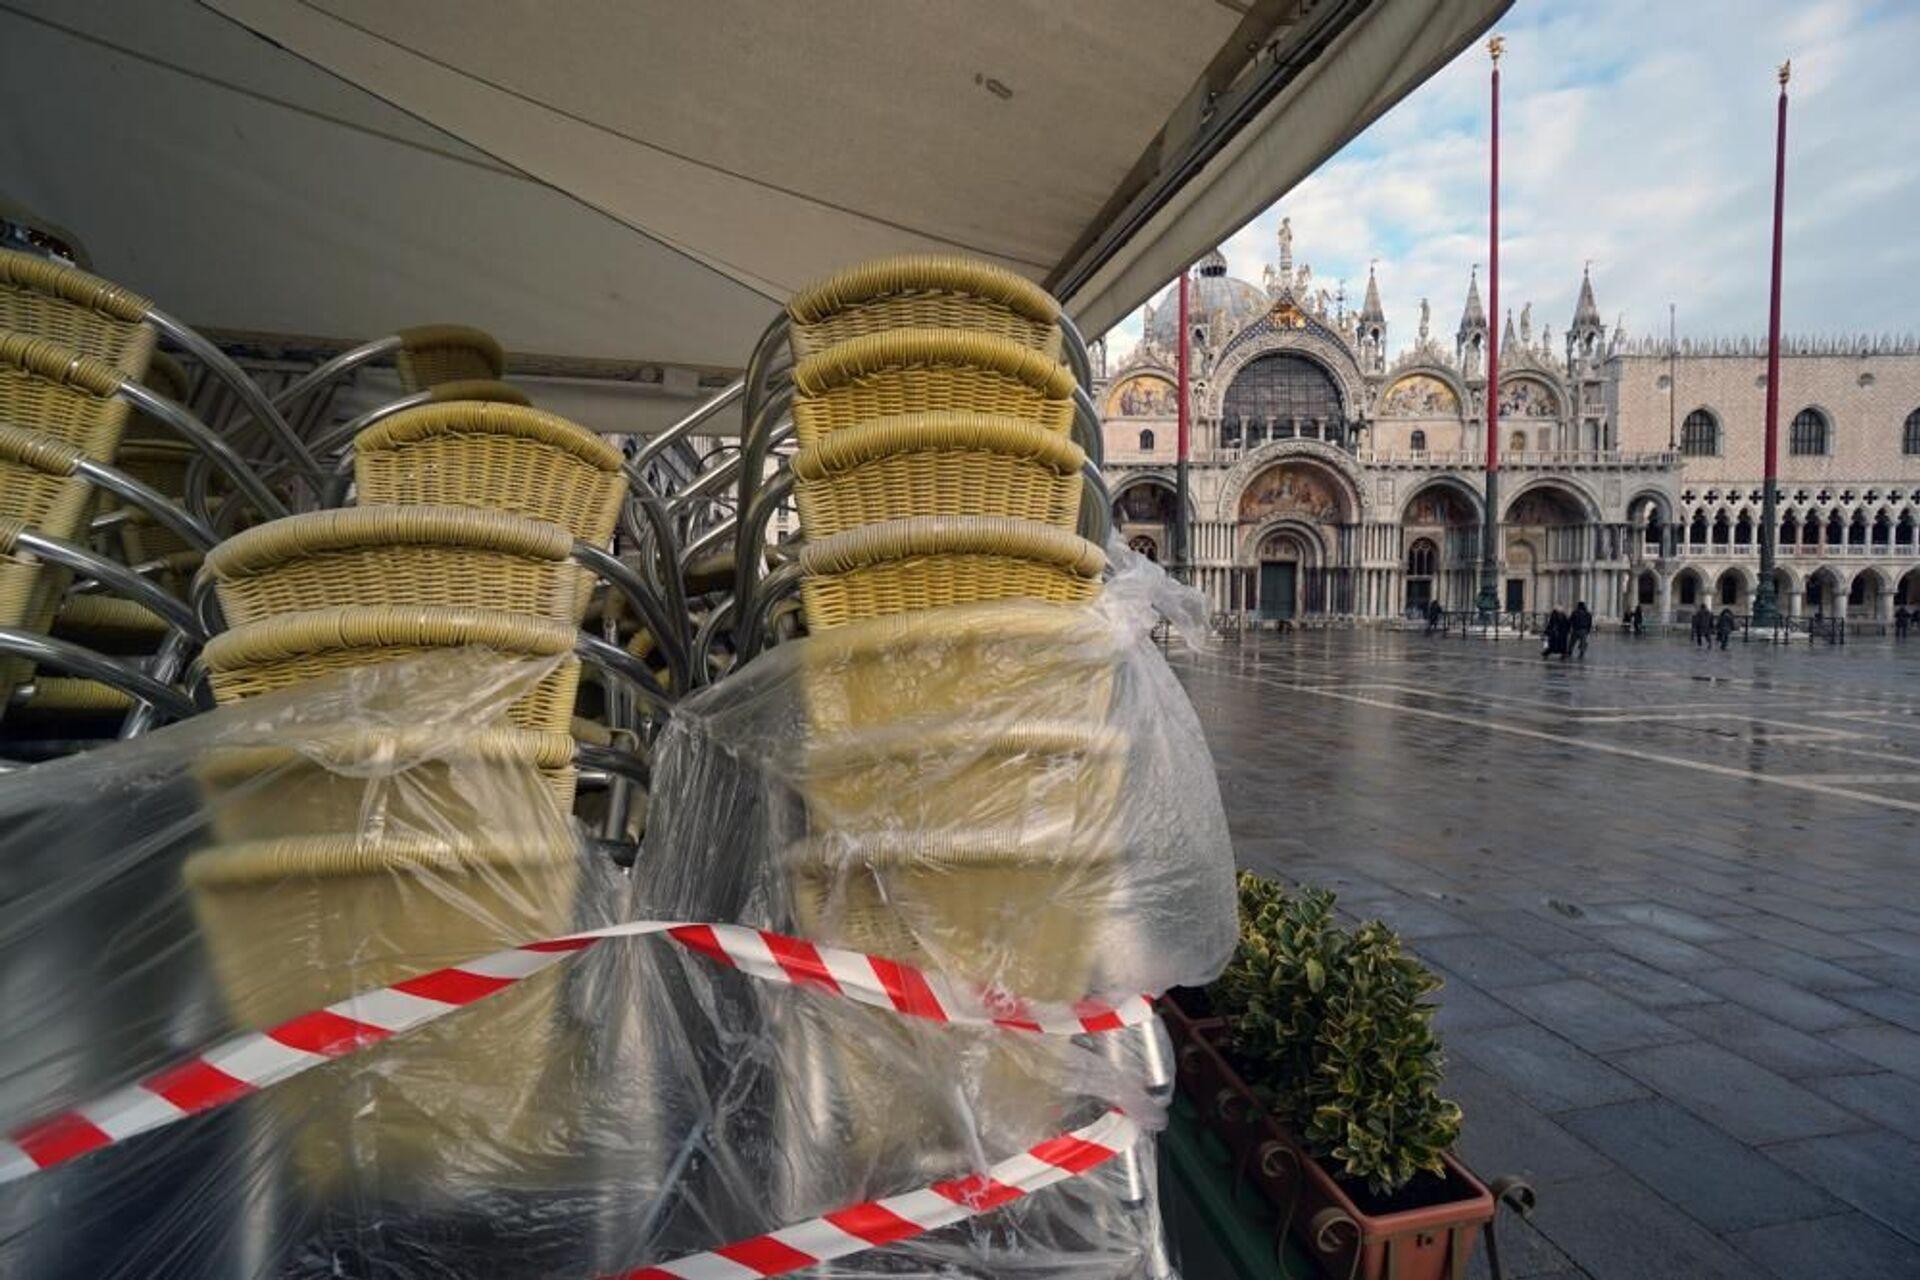 İtalya'da Venedik Karnavalı 2. kez iptal edildi - Sputnik Türkiye, 1920, 11.02.2021